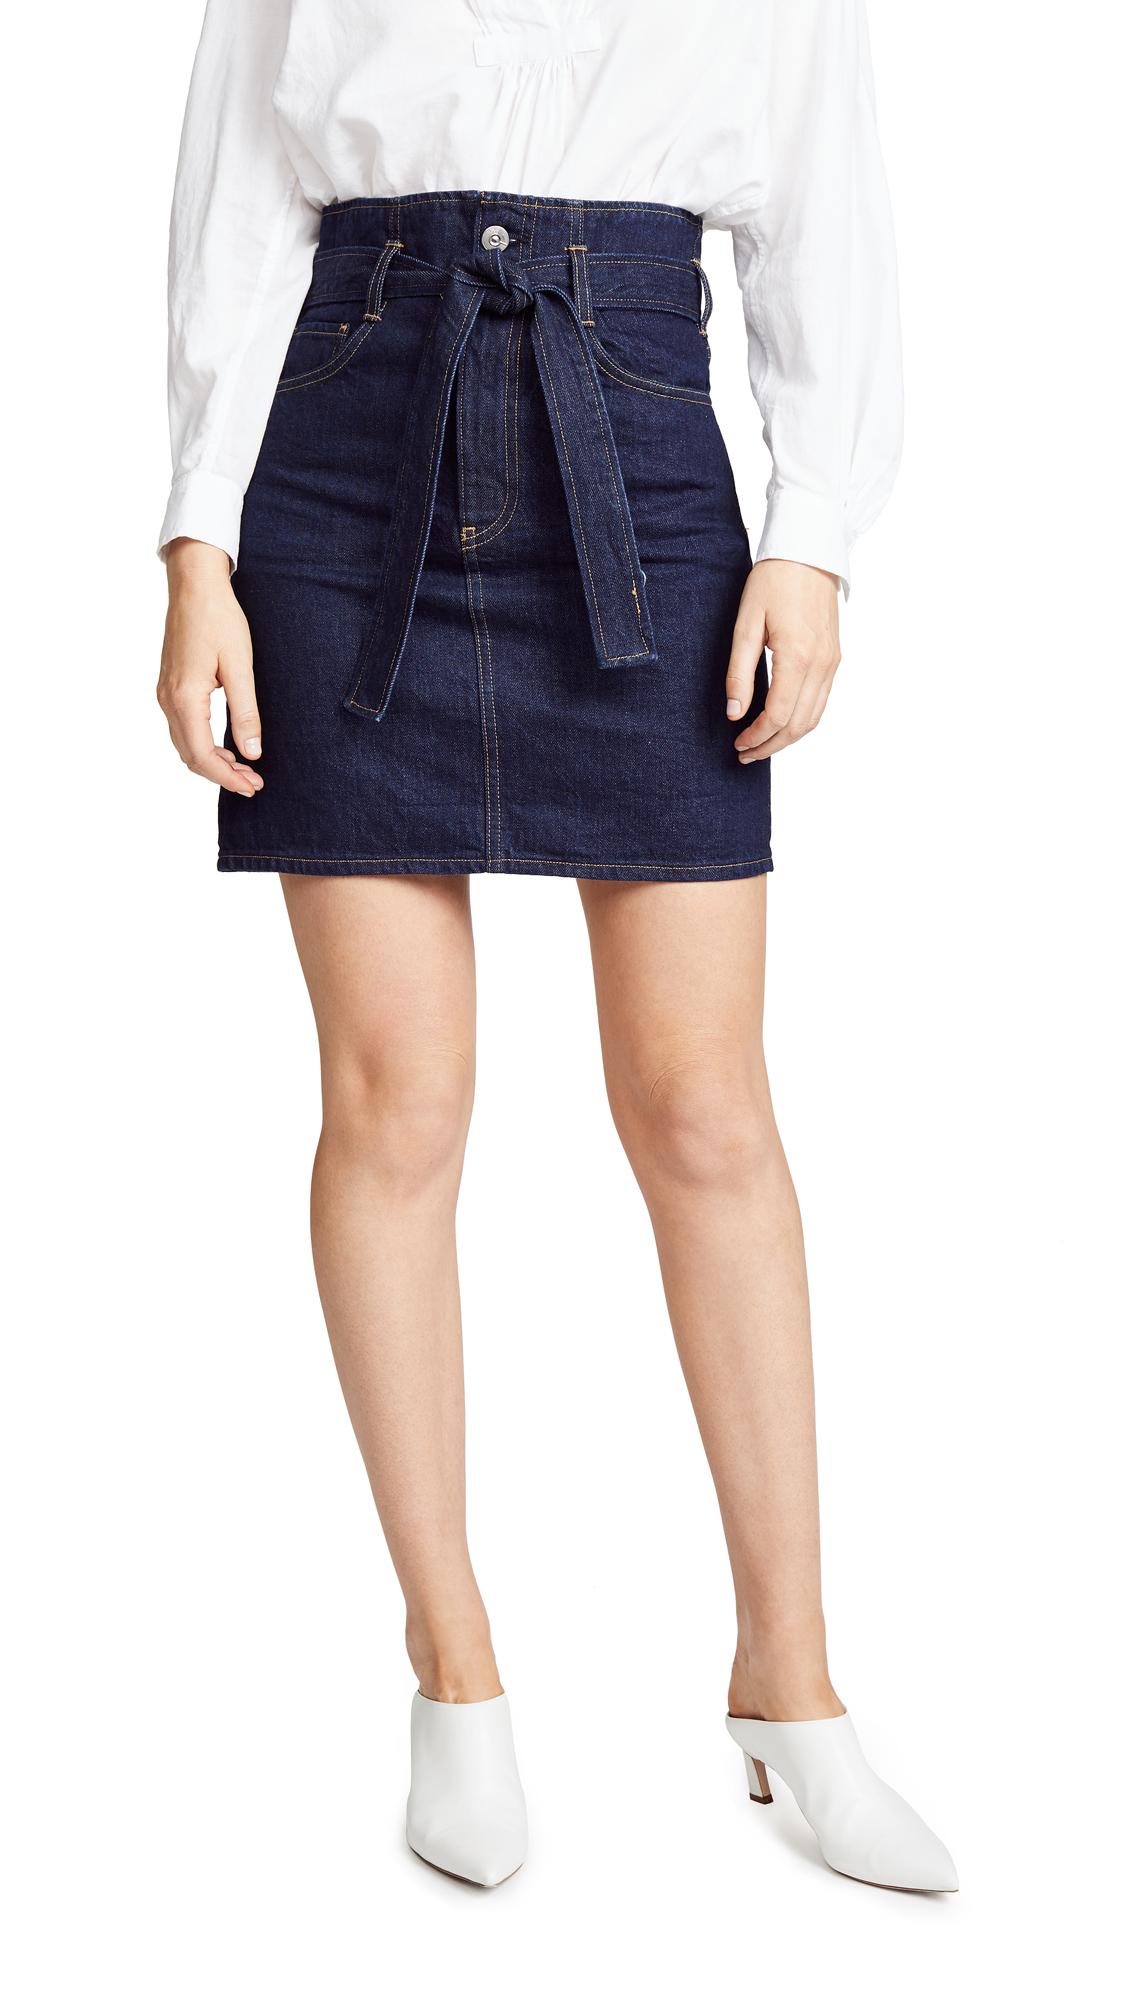 3X1 Kelly Denim Paperbag-Waist Skirt in Dark Denim